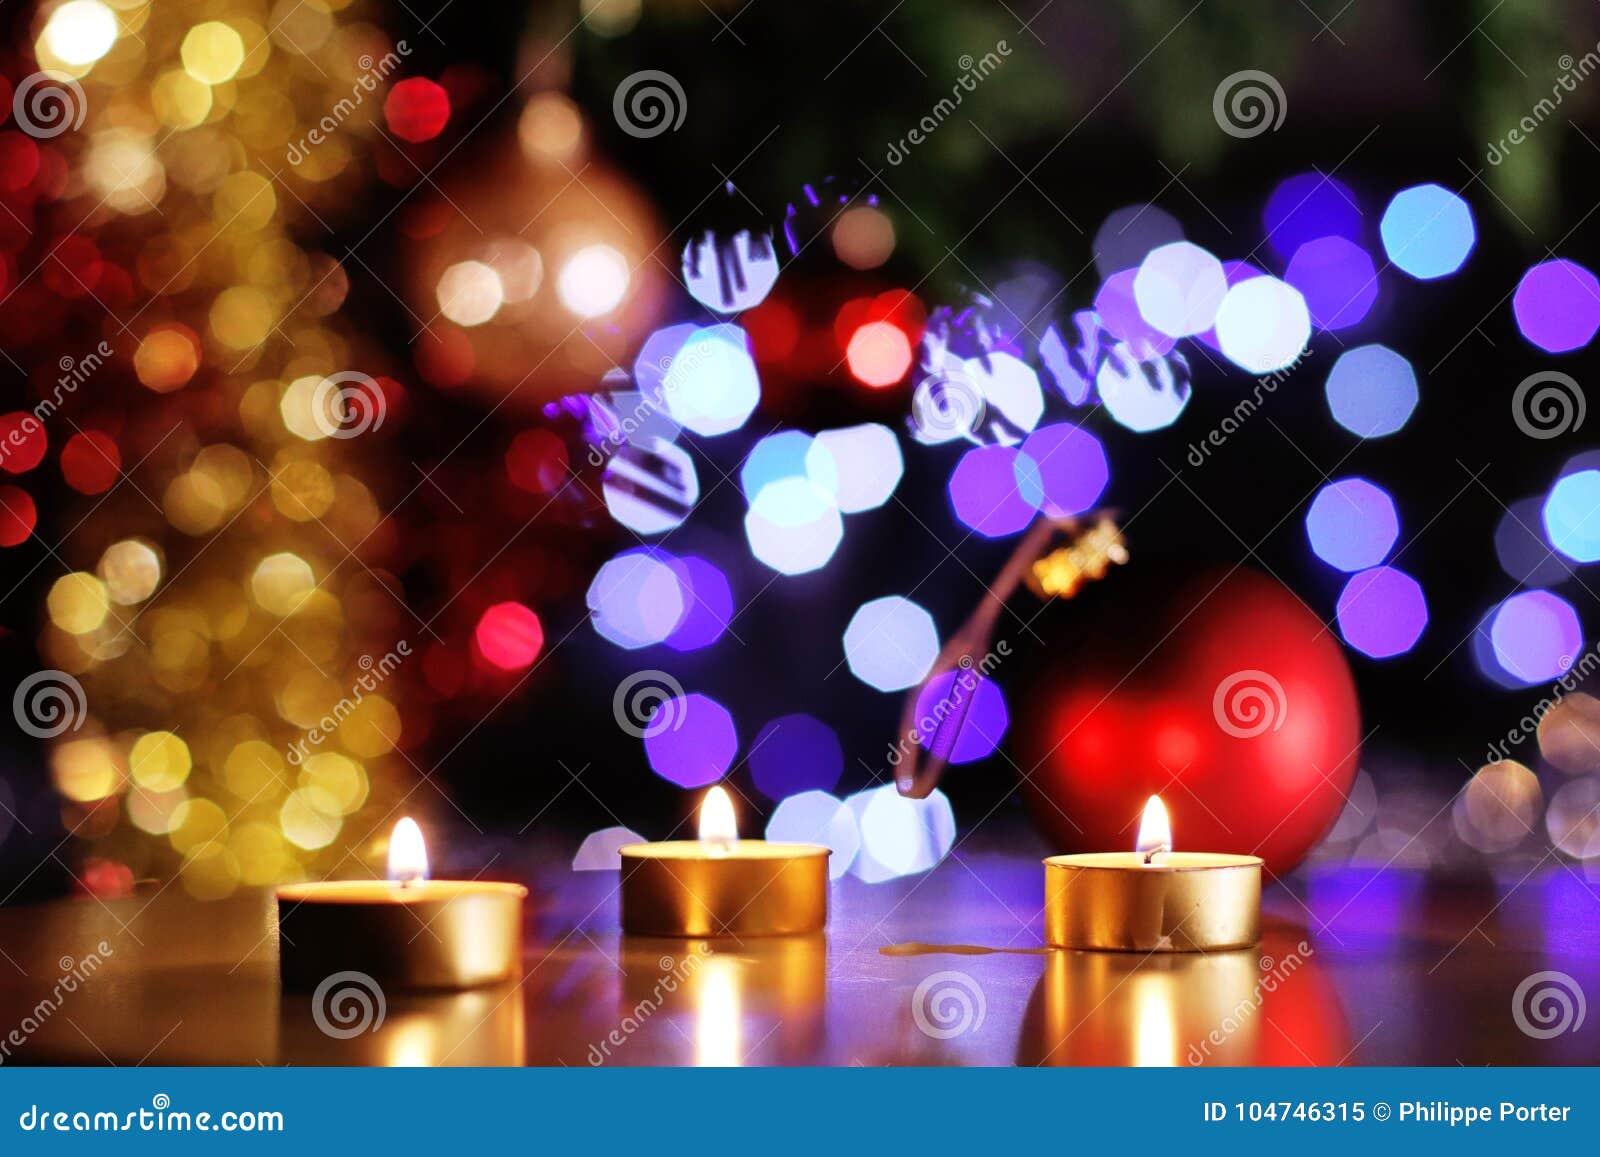 Weihnachtsstimmungsszene mit goldenen Kerzen und funkelnder Baum und Flitter